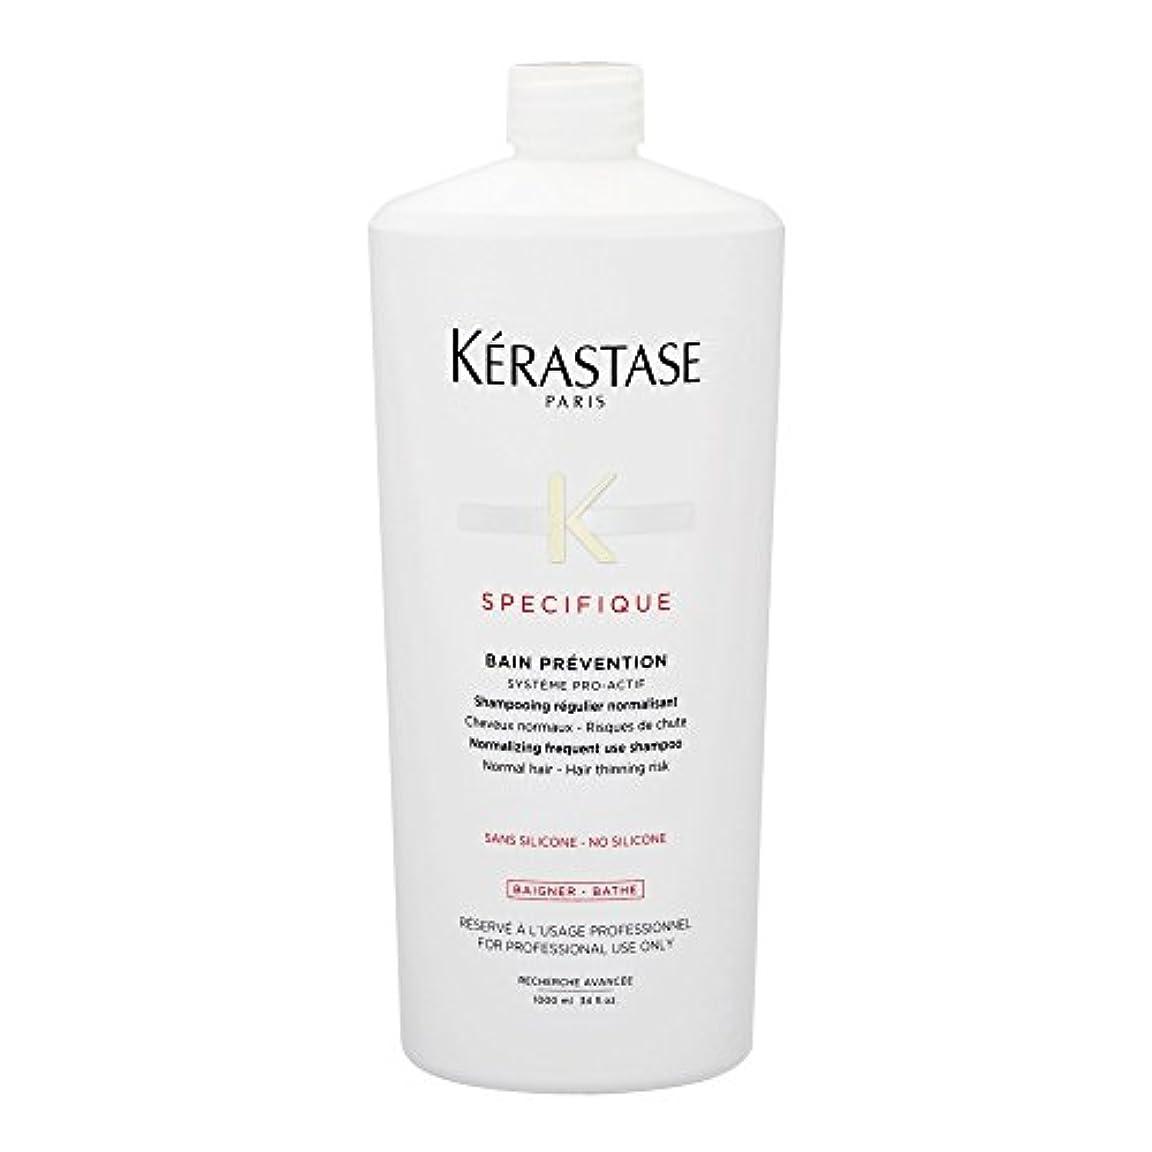 器具薬理学あいにくケラスターゼ(KERASTASE) スペシフィック SP バン プレバシオン EX<ビッグサイズ> 1000ml [並行輸入品]